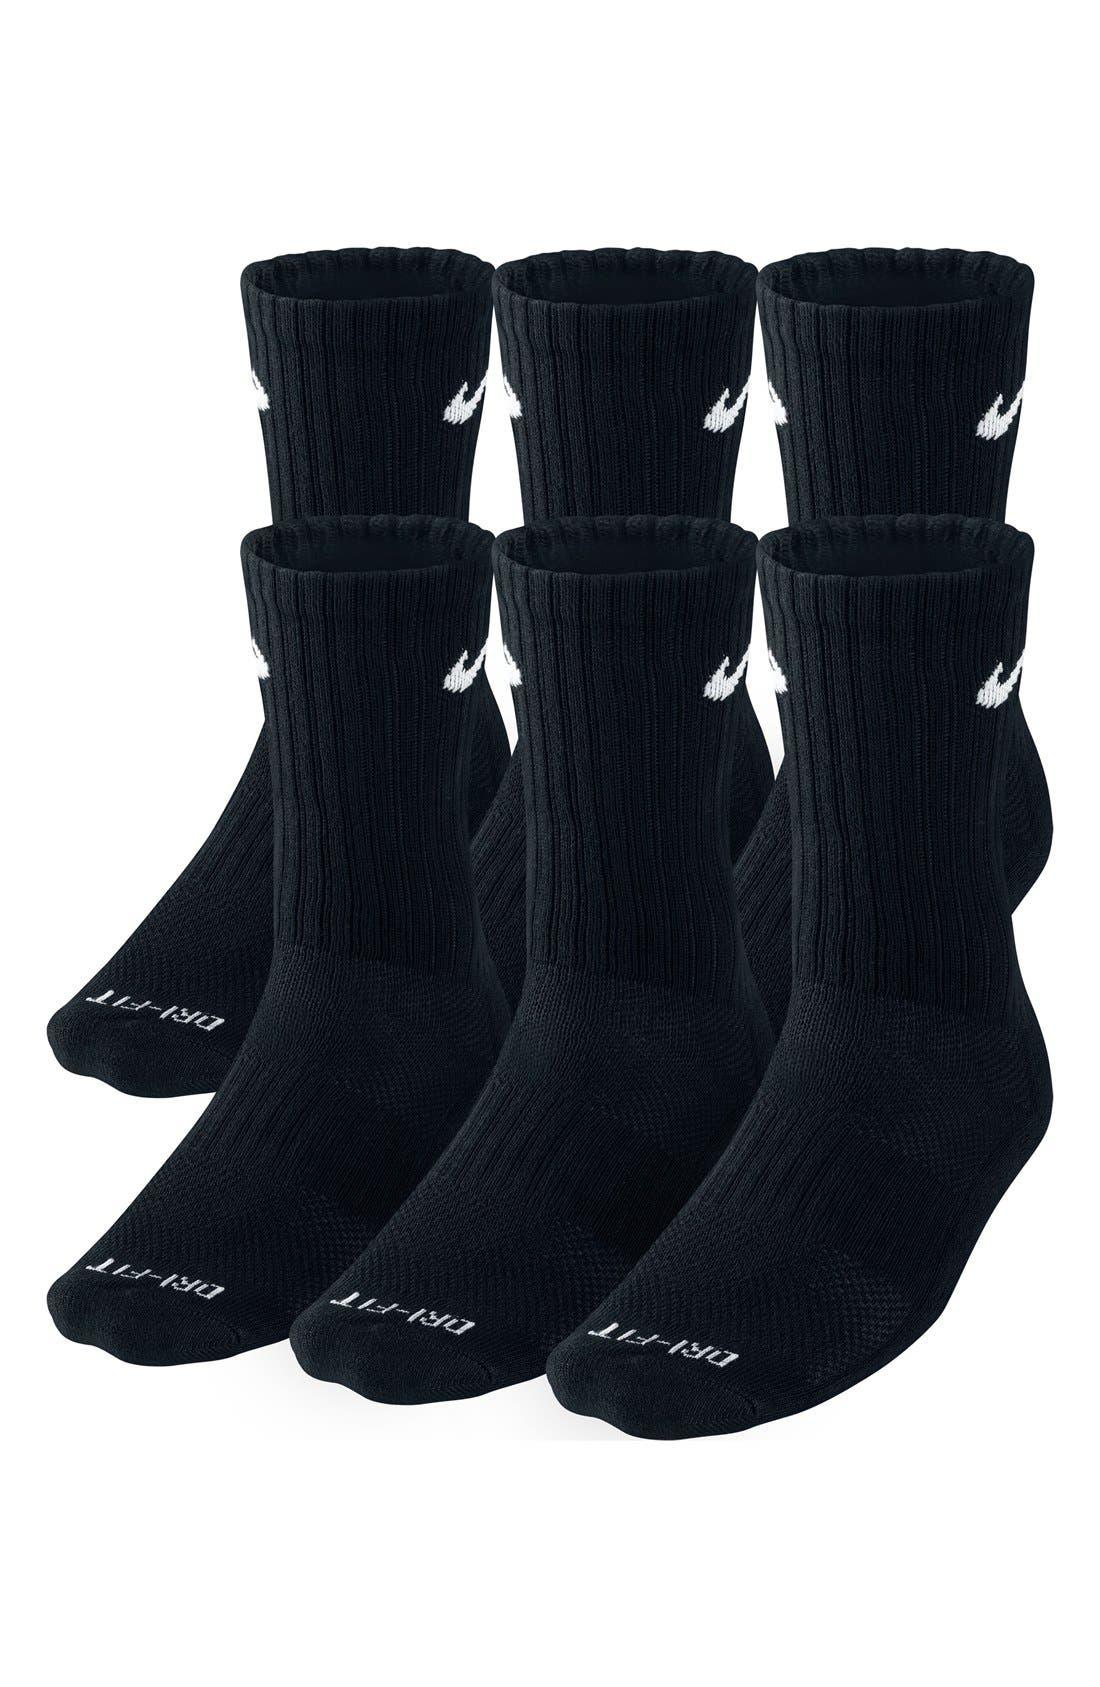 Dri-FIT Crew Socks,                             Main thumbnail 1, color,                             Black/ White